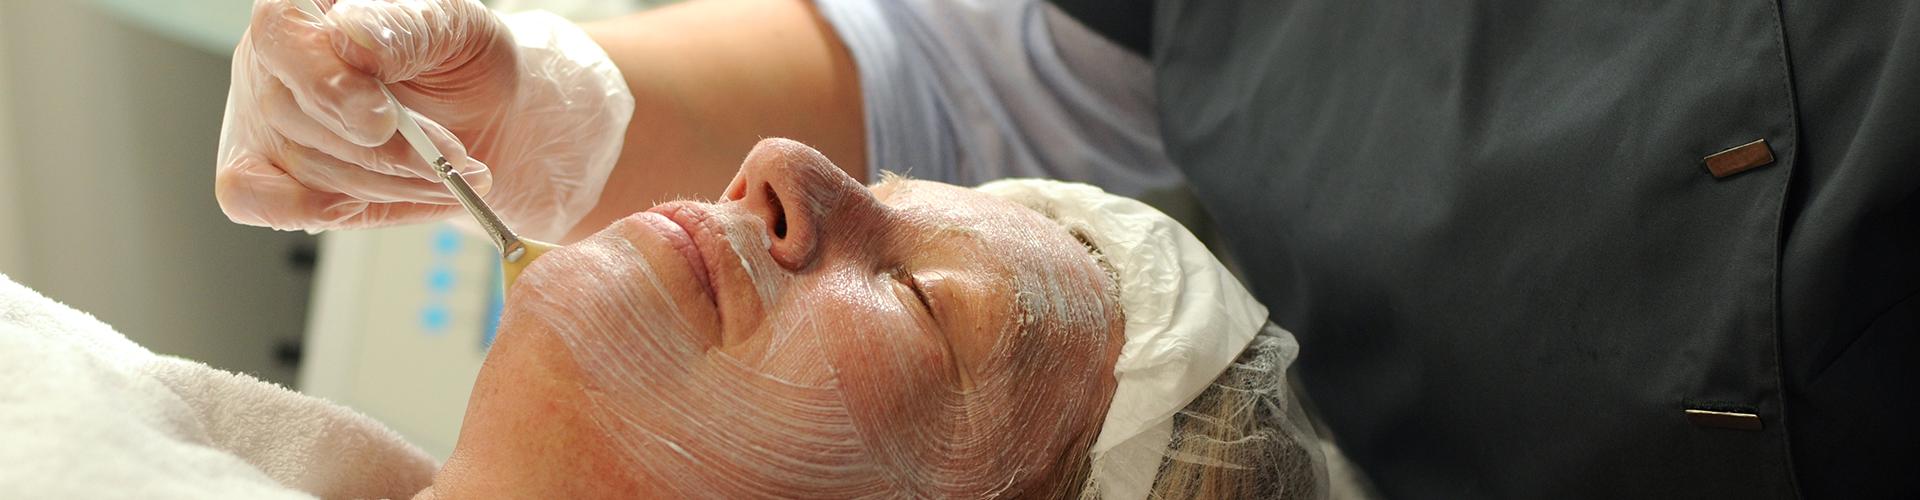 Kur-Apotheke Karsten Wolter - Hautpflege